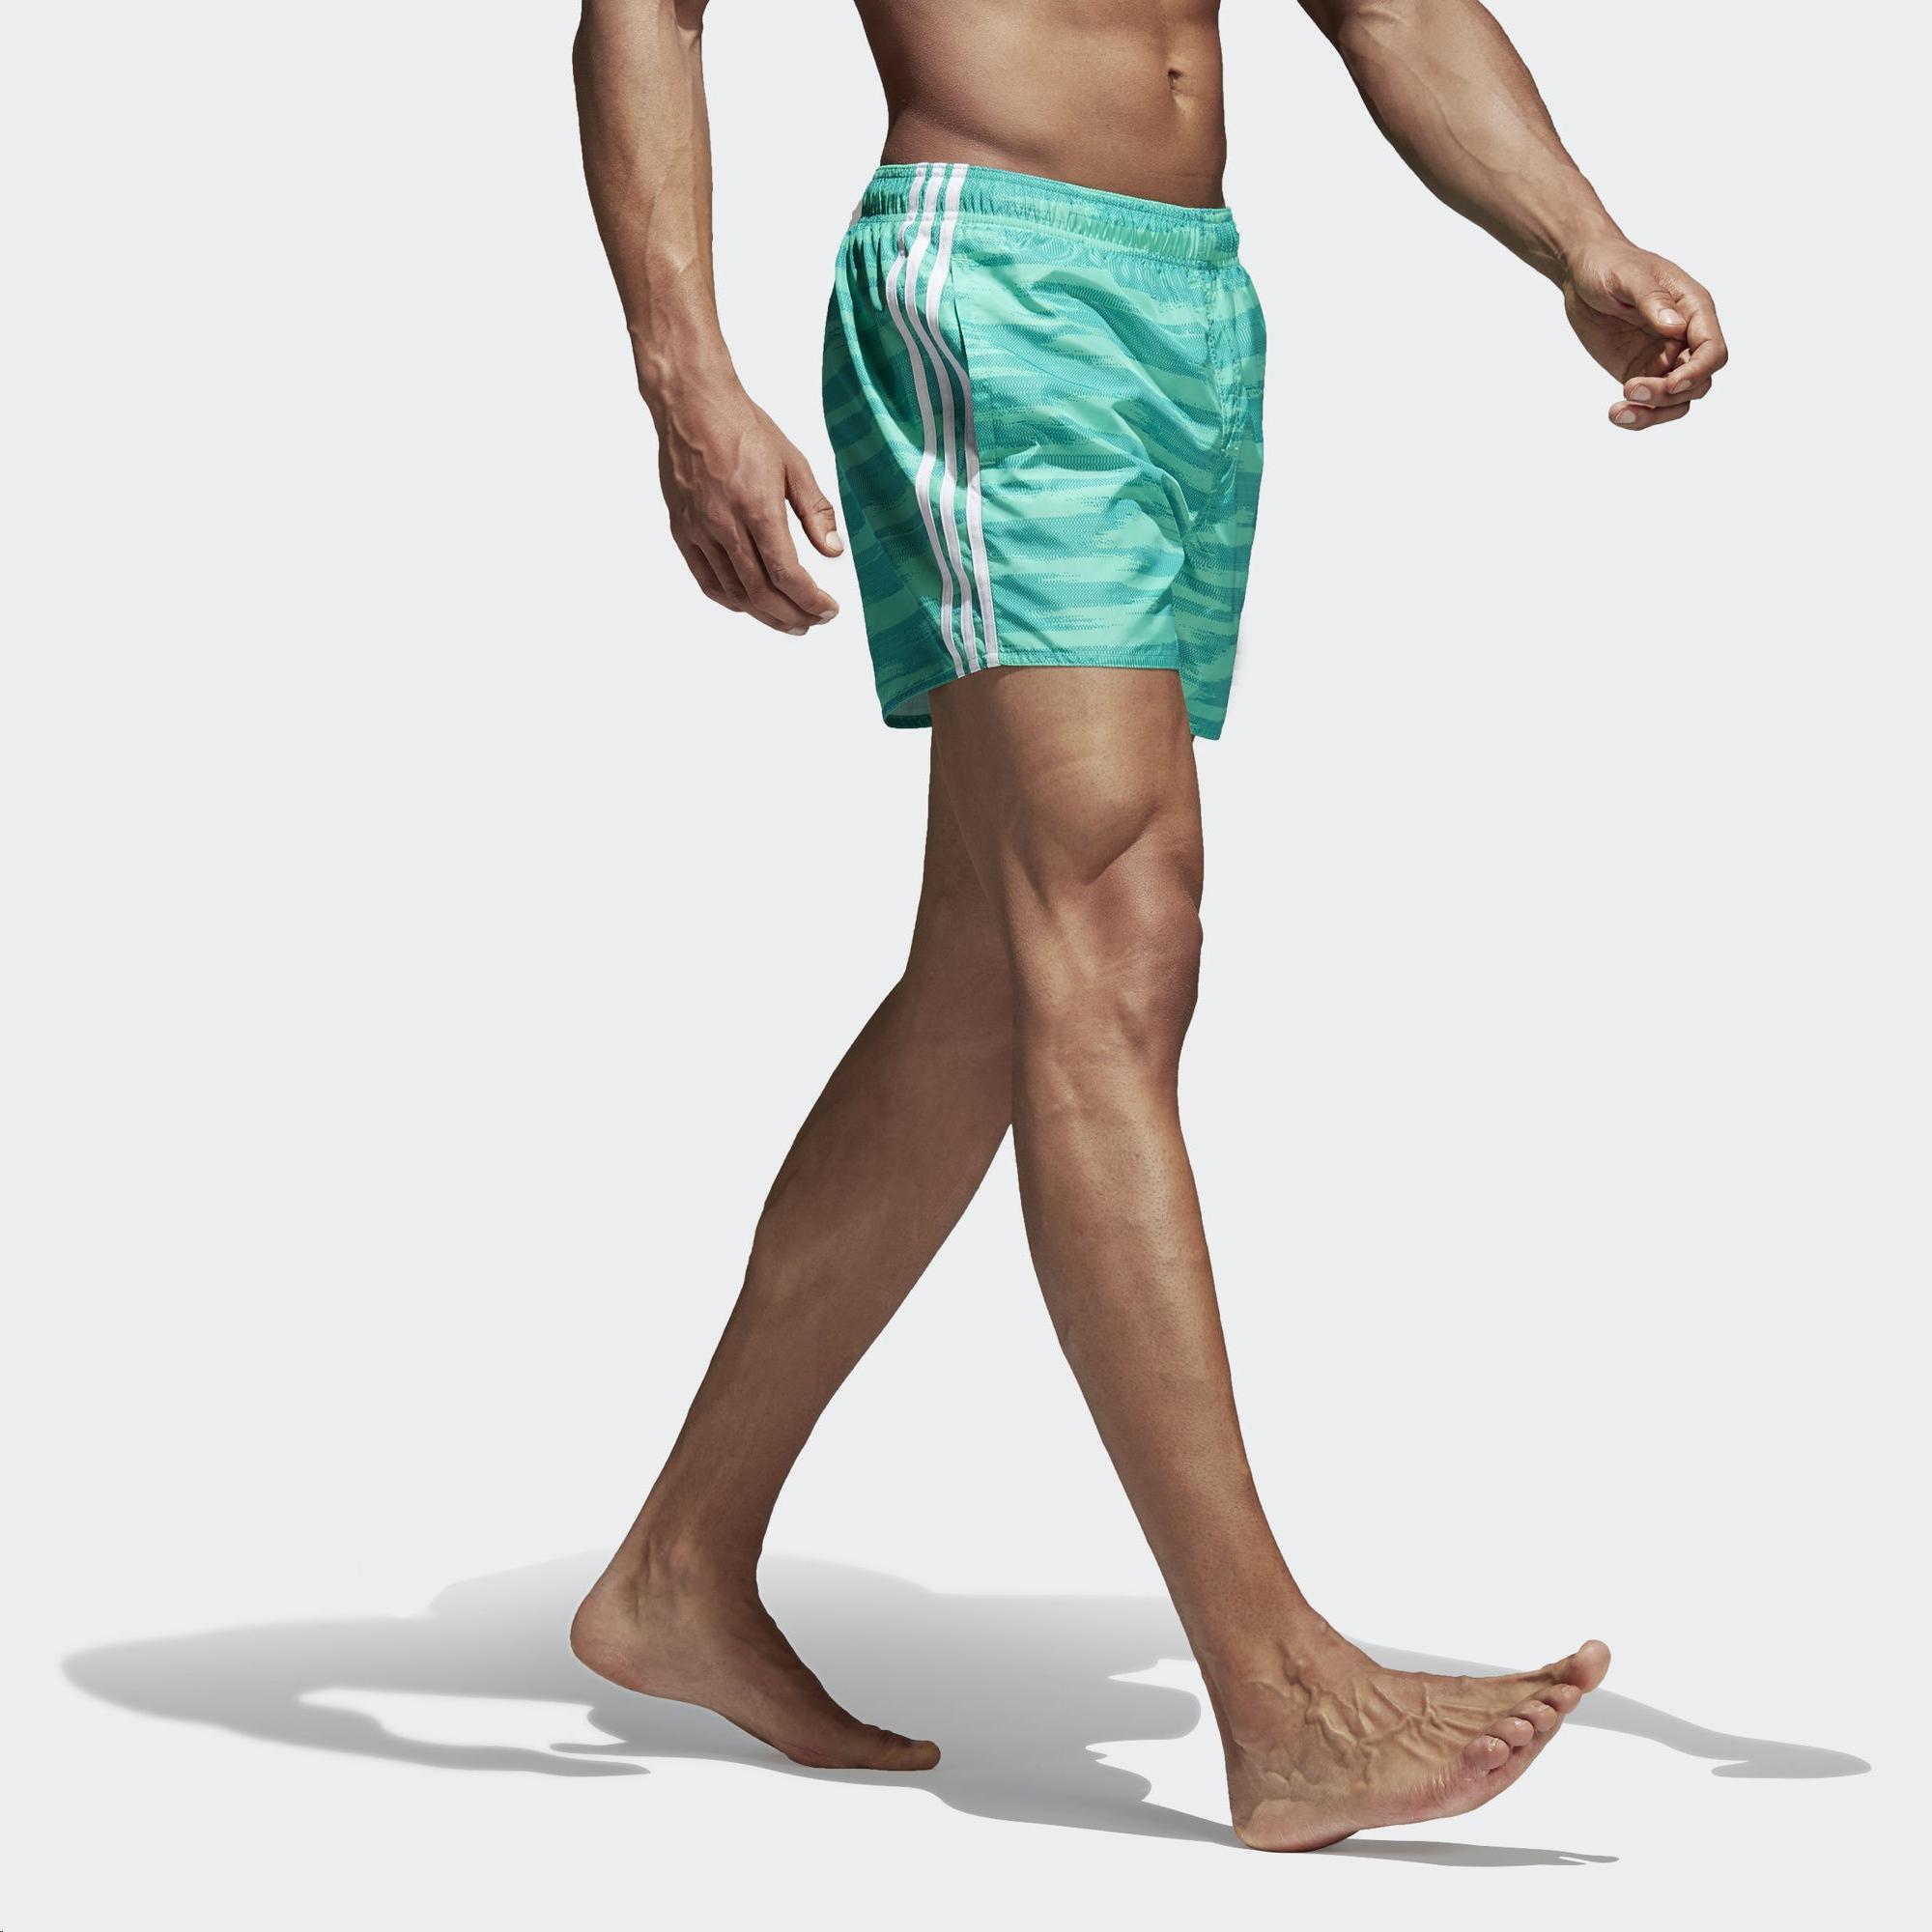 9d10f643255f Bañador Adidas Allover Print 3 Bandas Verde Hombre - Deportes Moya